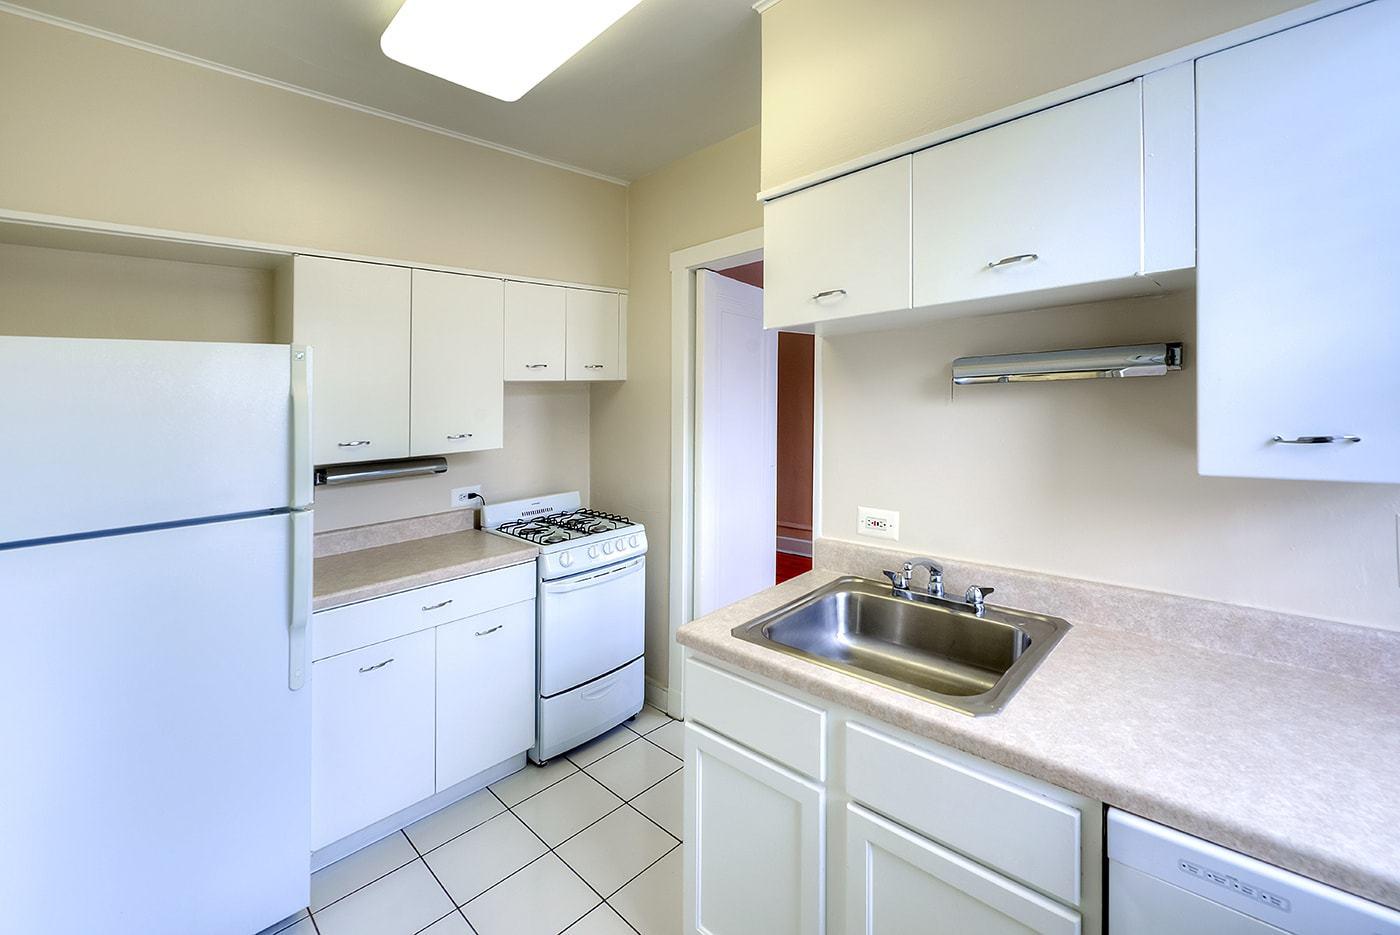 Apartments Near Evanston Michigan & Kedzie for Evanston Students in Evanston, IL